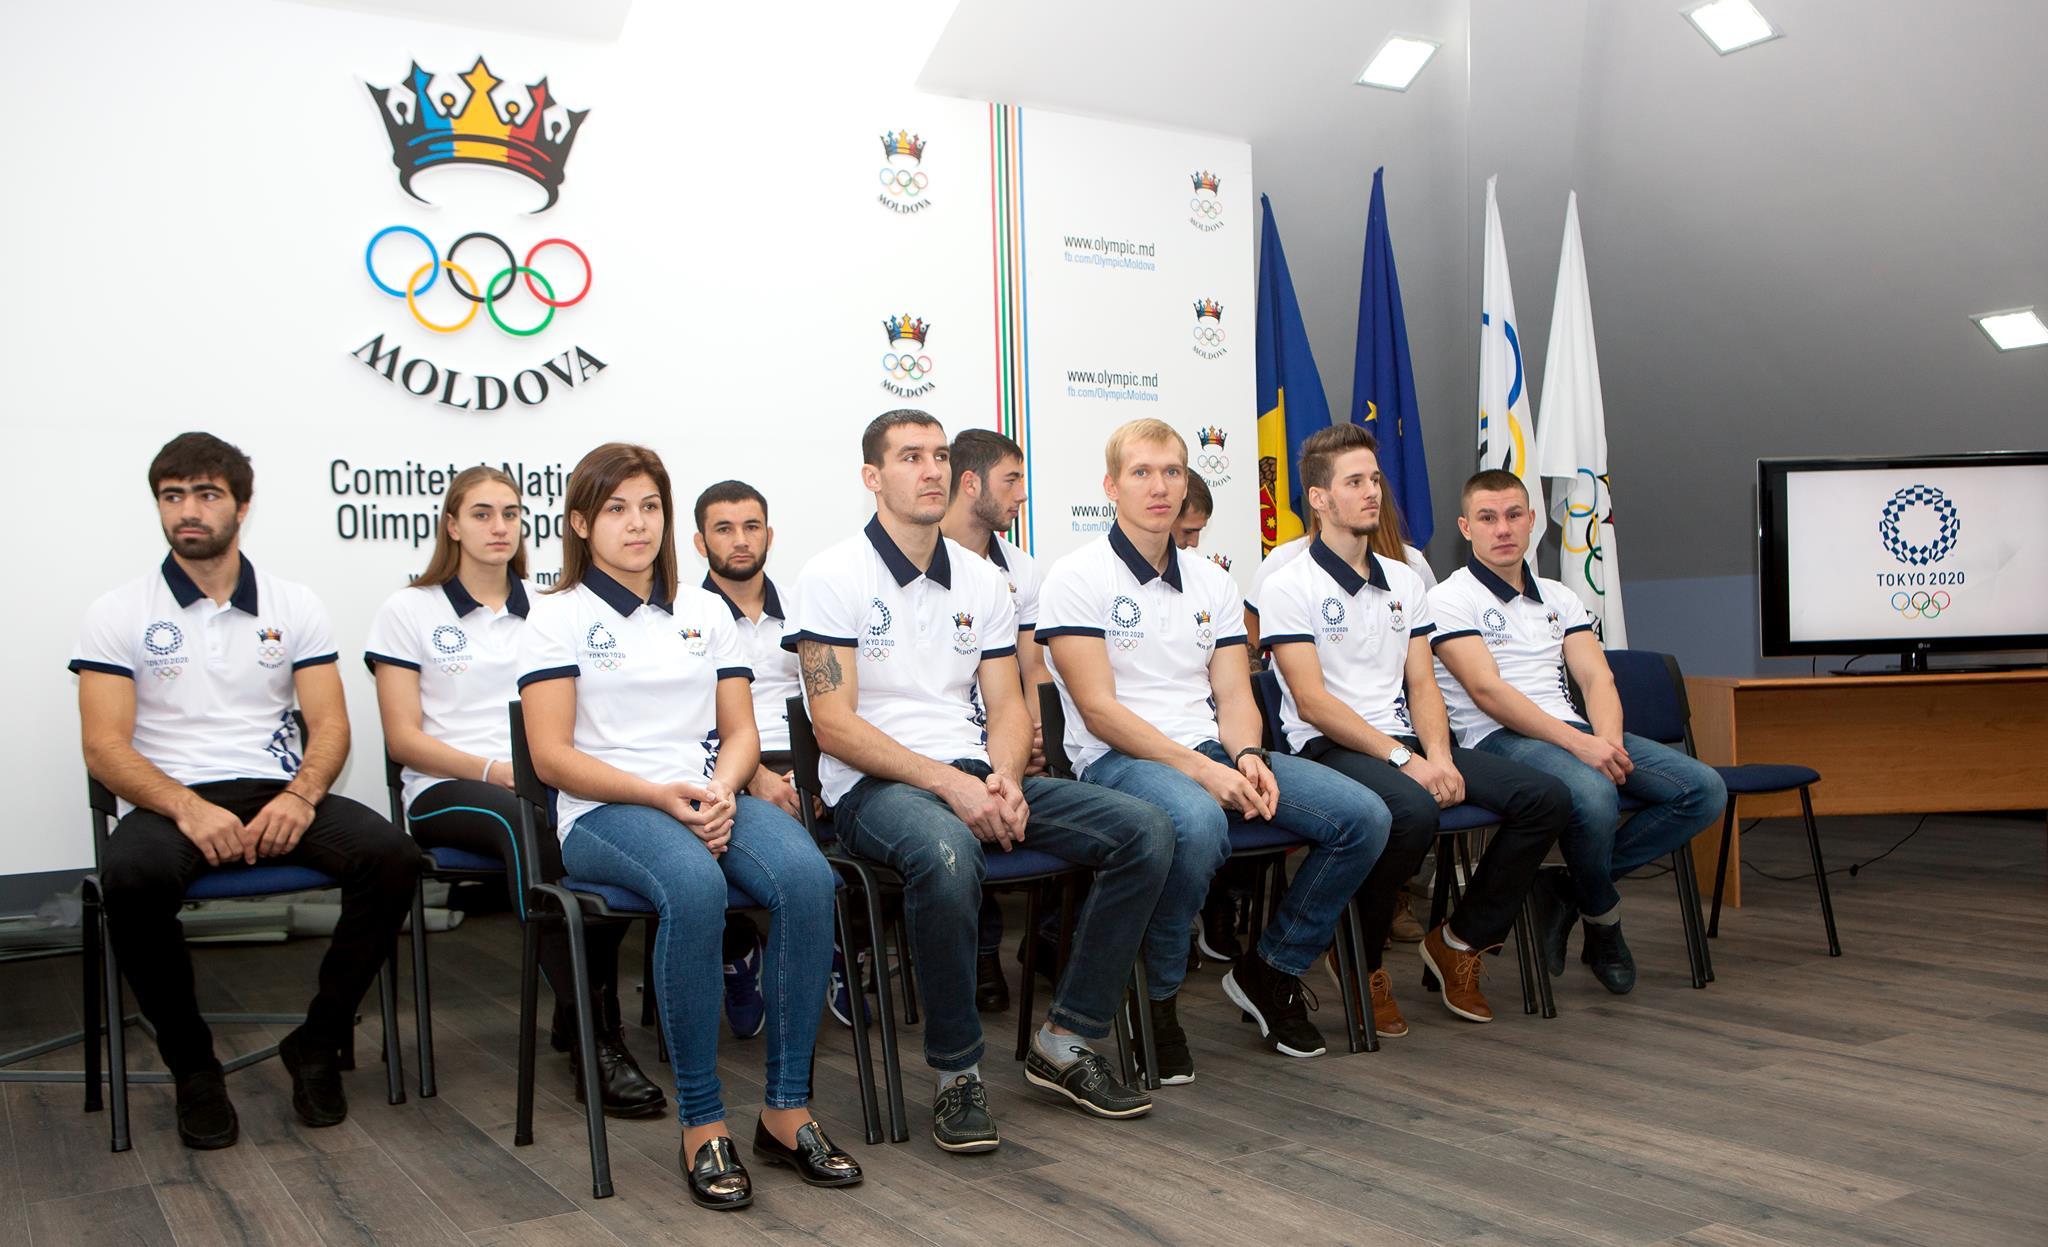 Au fost înmânate burse olimpice pentru 15 sportivi moldoveni